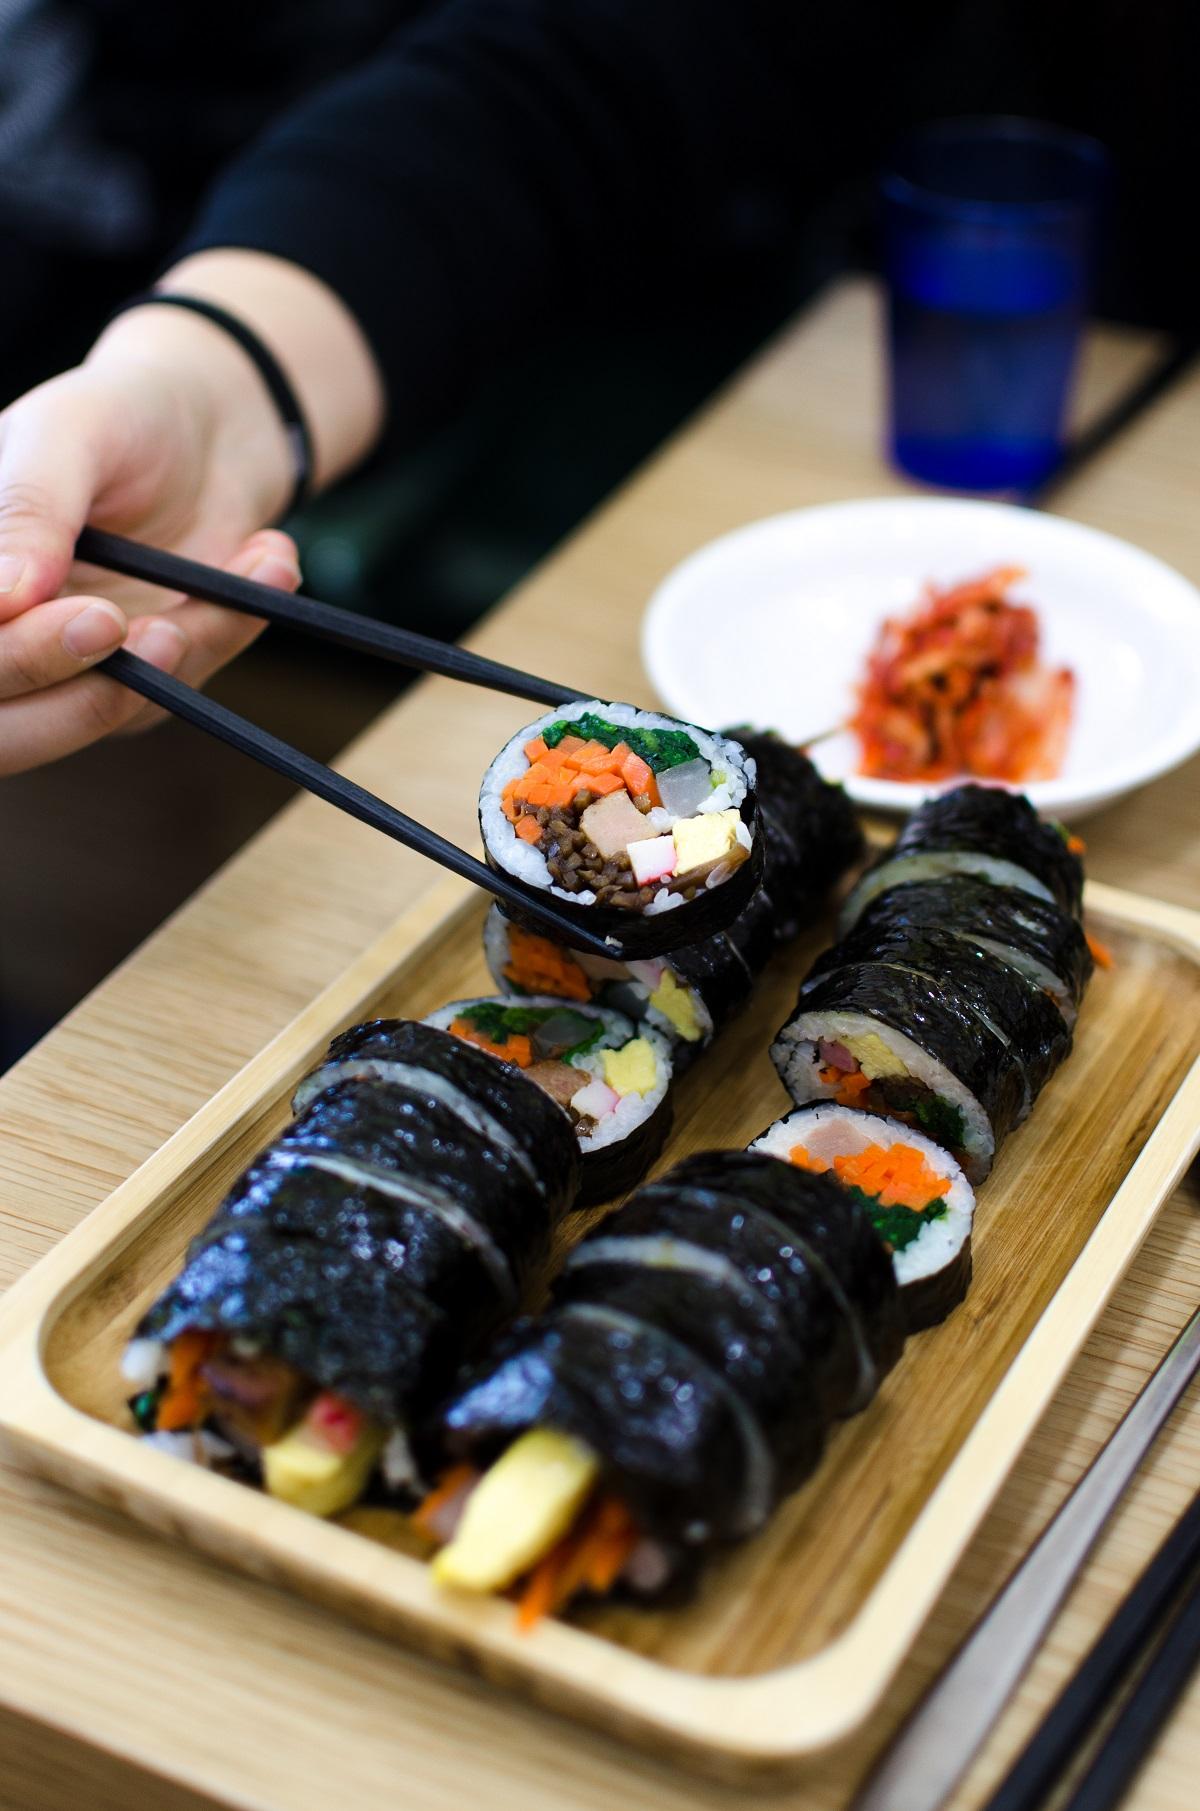 Korean food kimbap